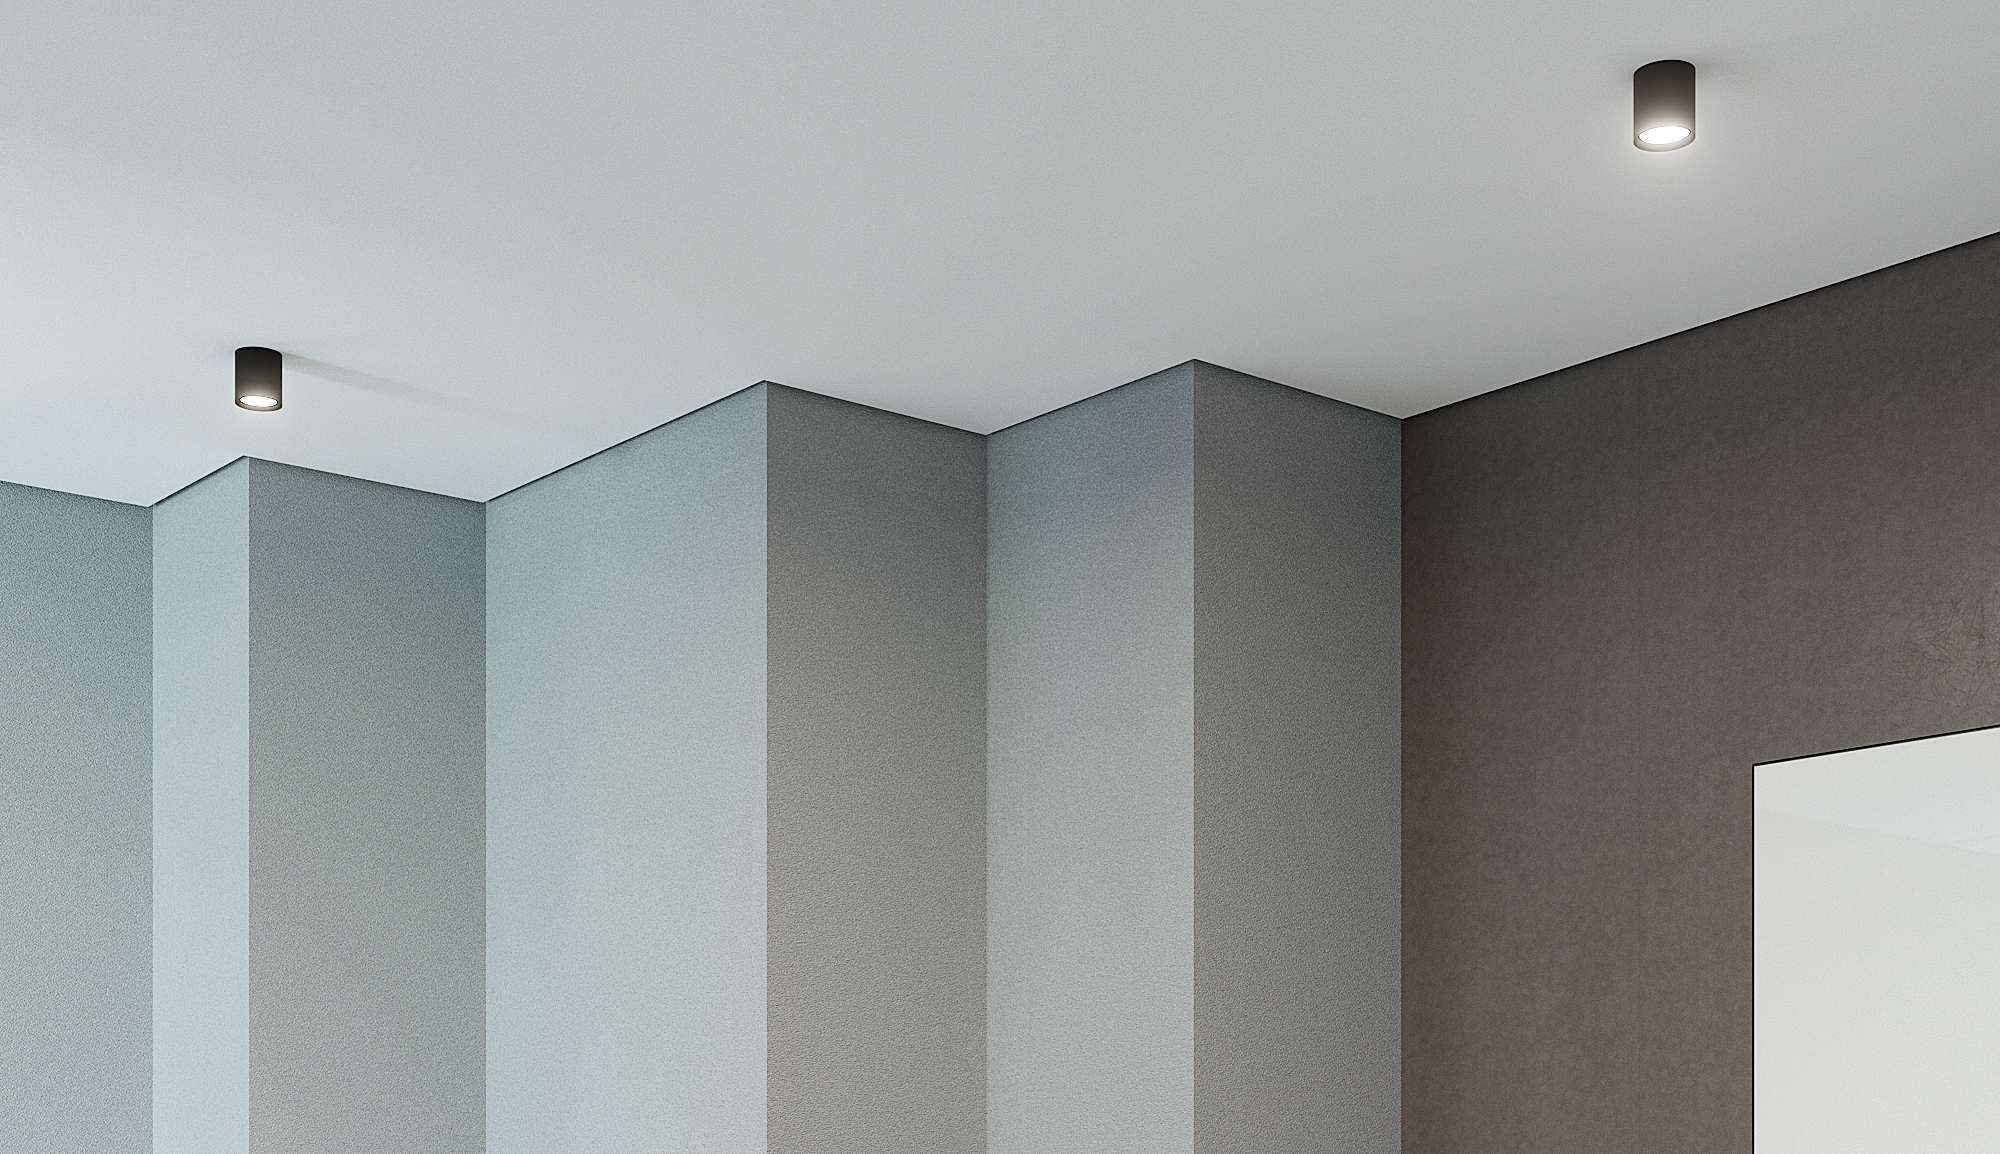 натяжной потолок с теневым примыканием